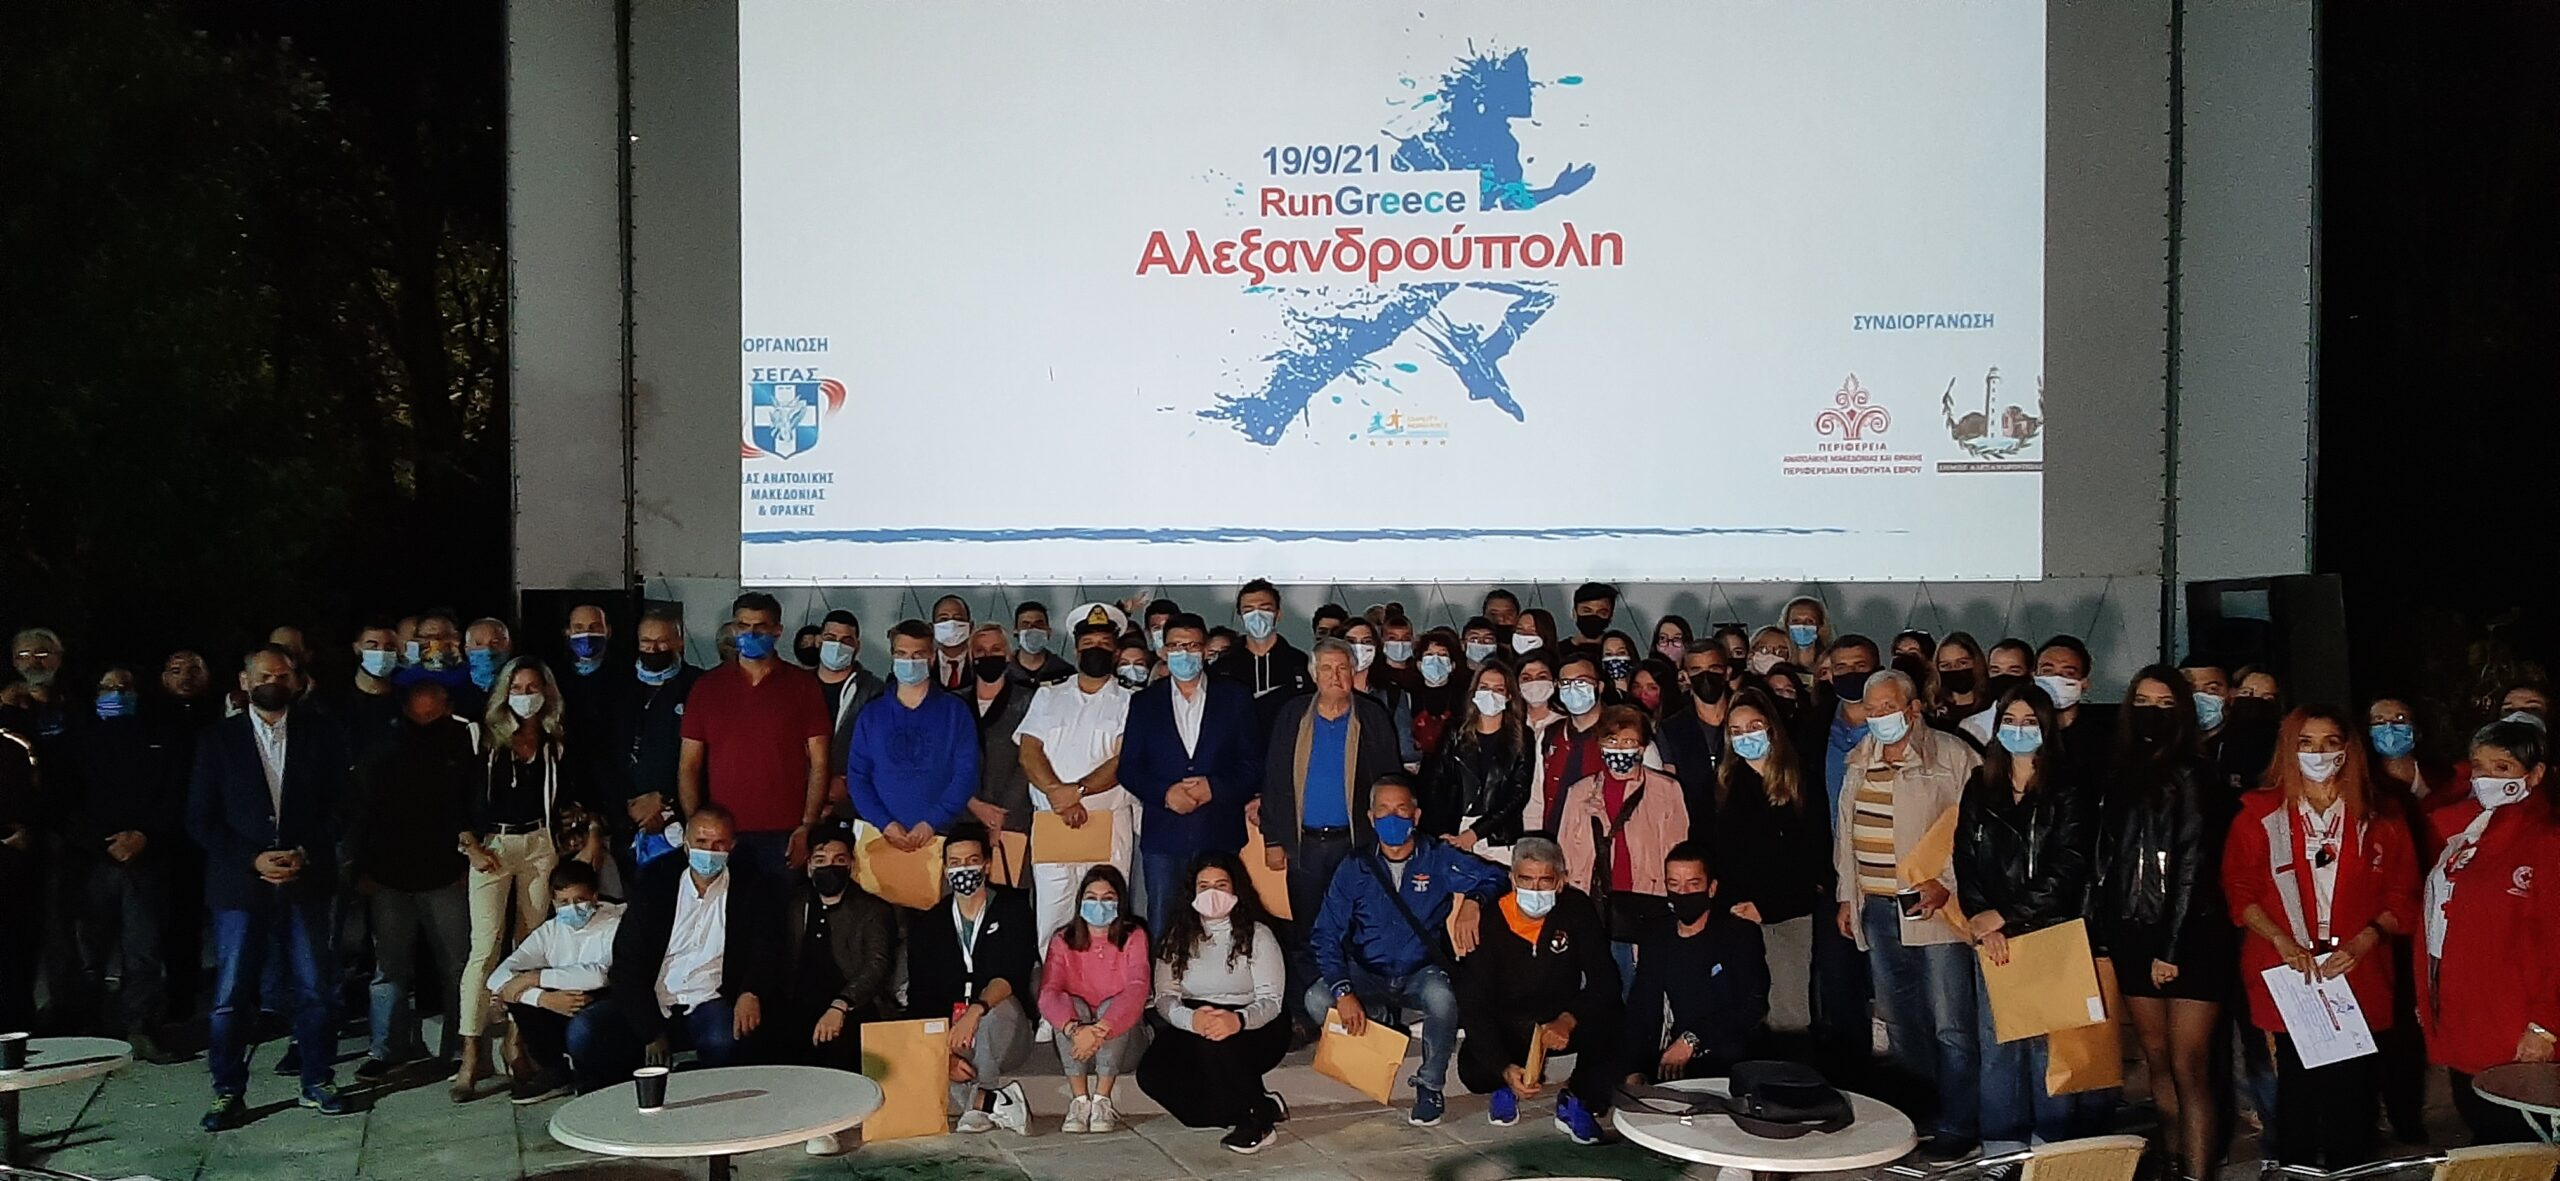 230 πολίτες-εθελοντές το «κλειδί» της επιτυχίας του RUNGREECEΑΛΕΞΑΝΔΡΟΥΠΟΛΗ